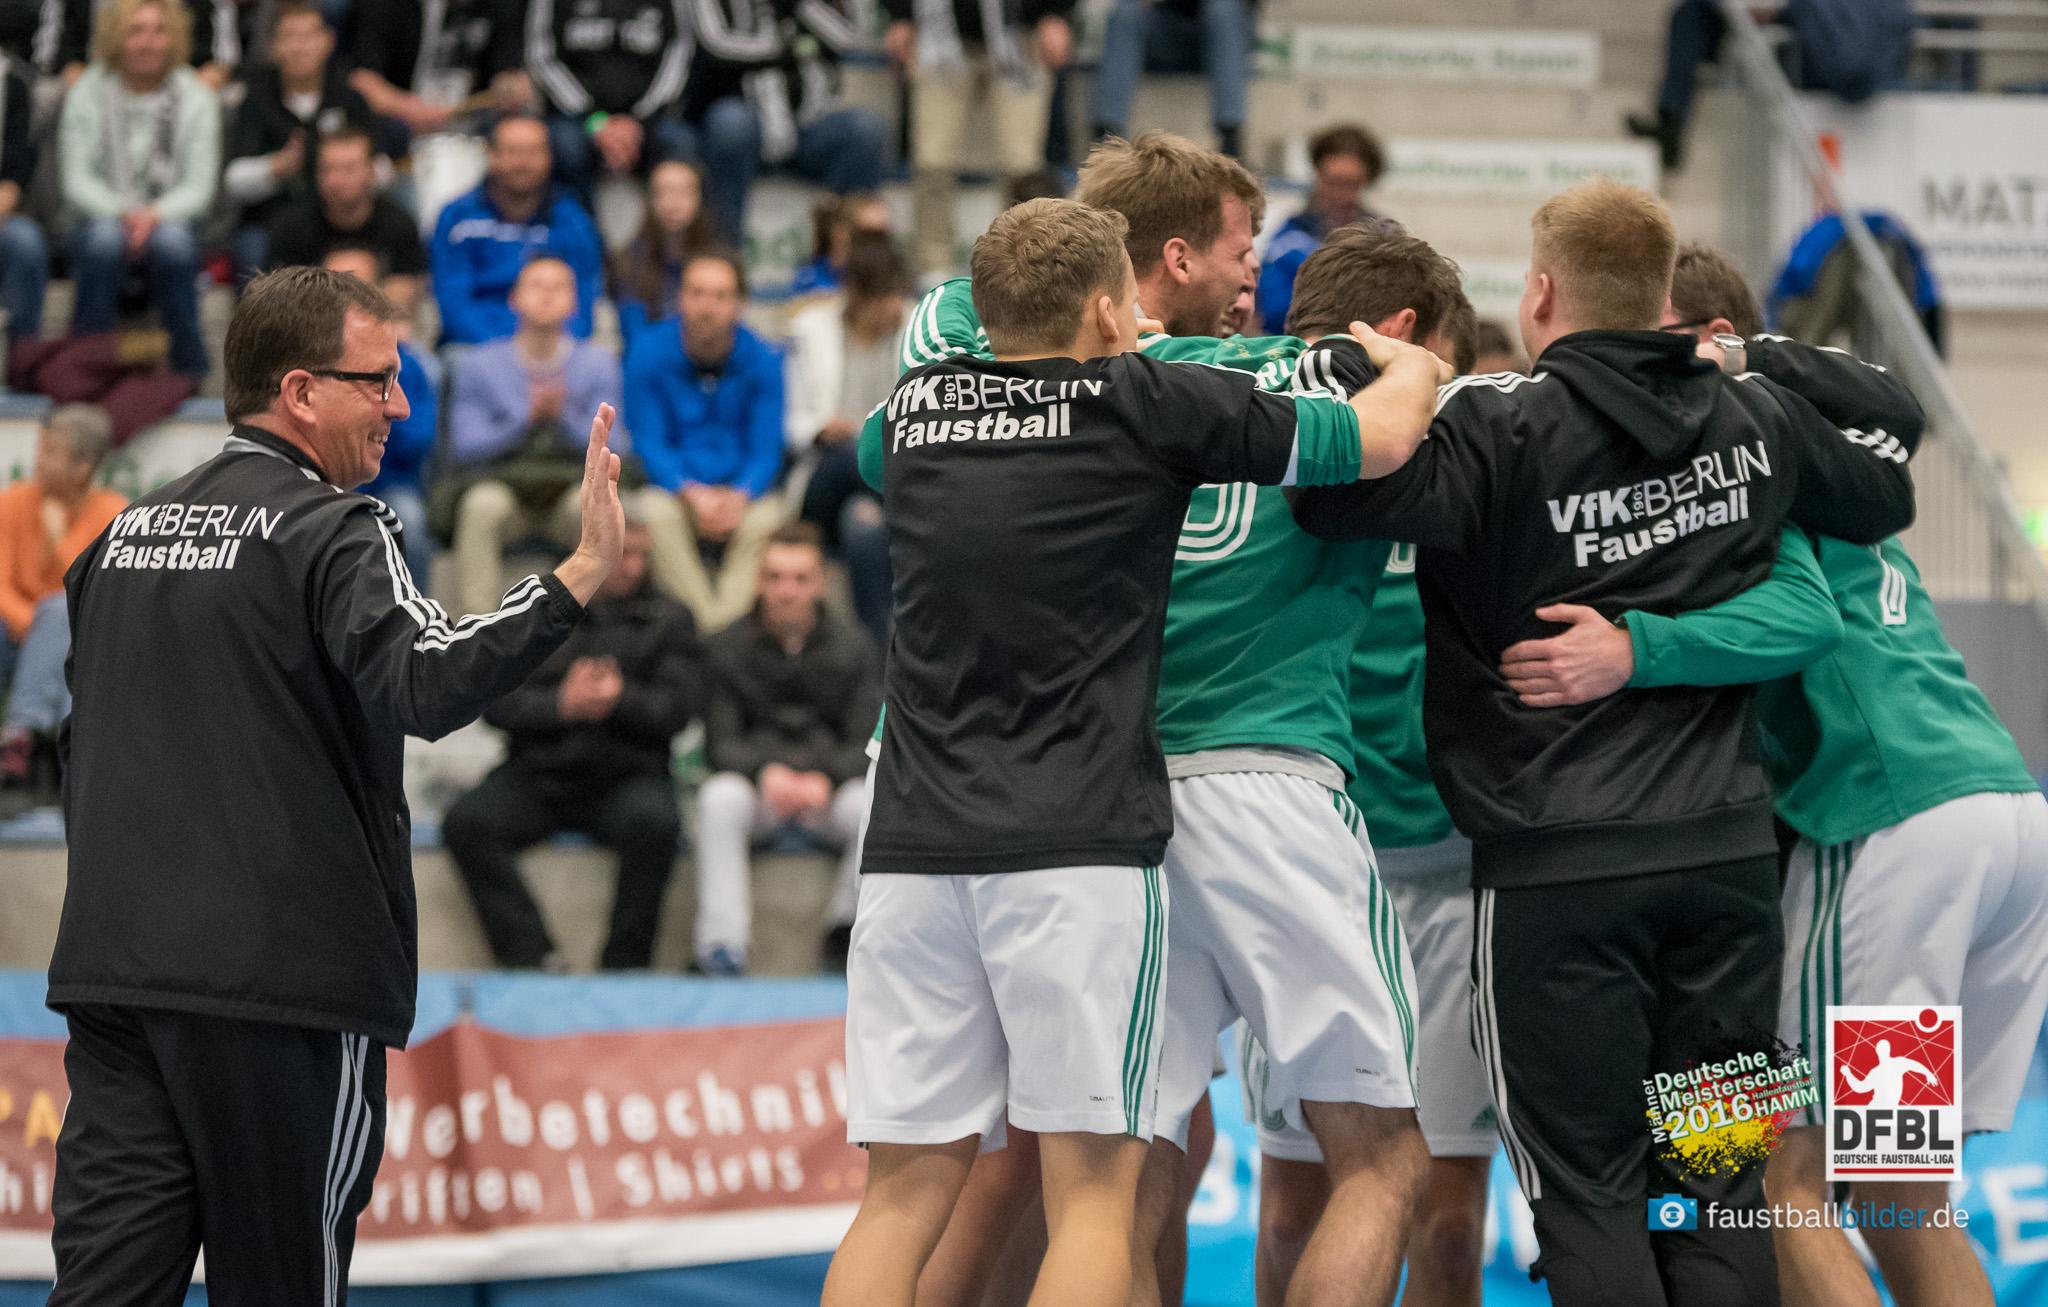 Berliner Jubeltraube nach dem deutlichen Sieg im Halbfinale (Foto: DFBL/Schönwandt)